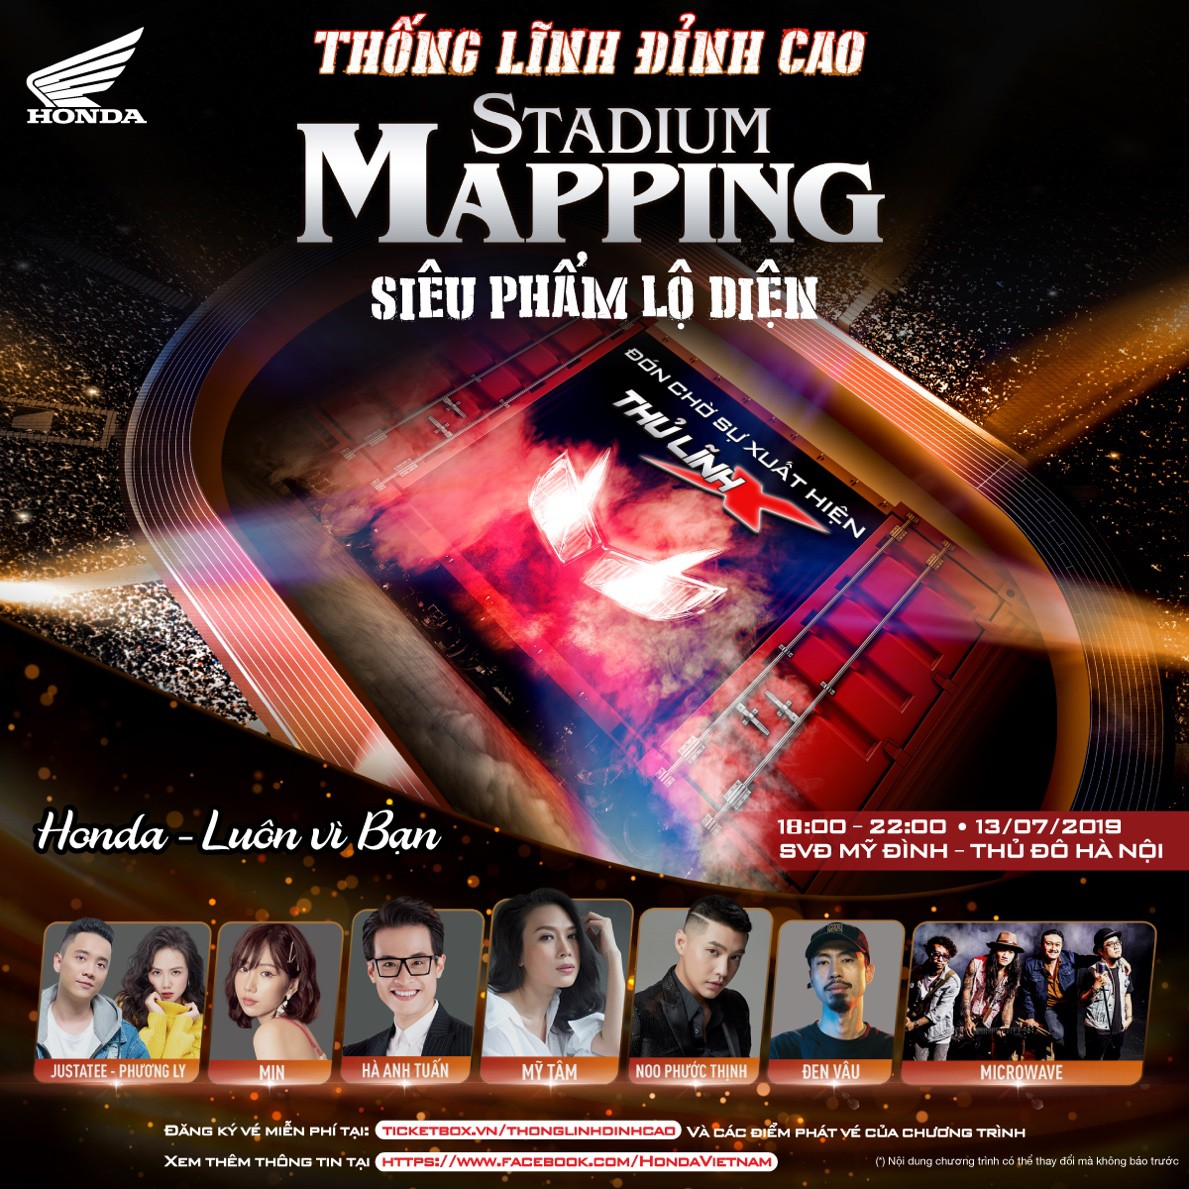 Mỹ Tâm, Hà Anh Tuấn cùng dàn sao khủng sẽ góp mặt trong đại tiệc âm nhạc tại Mỹ Đình - Ảnh 9.